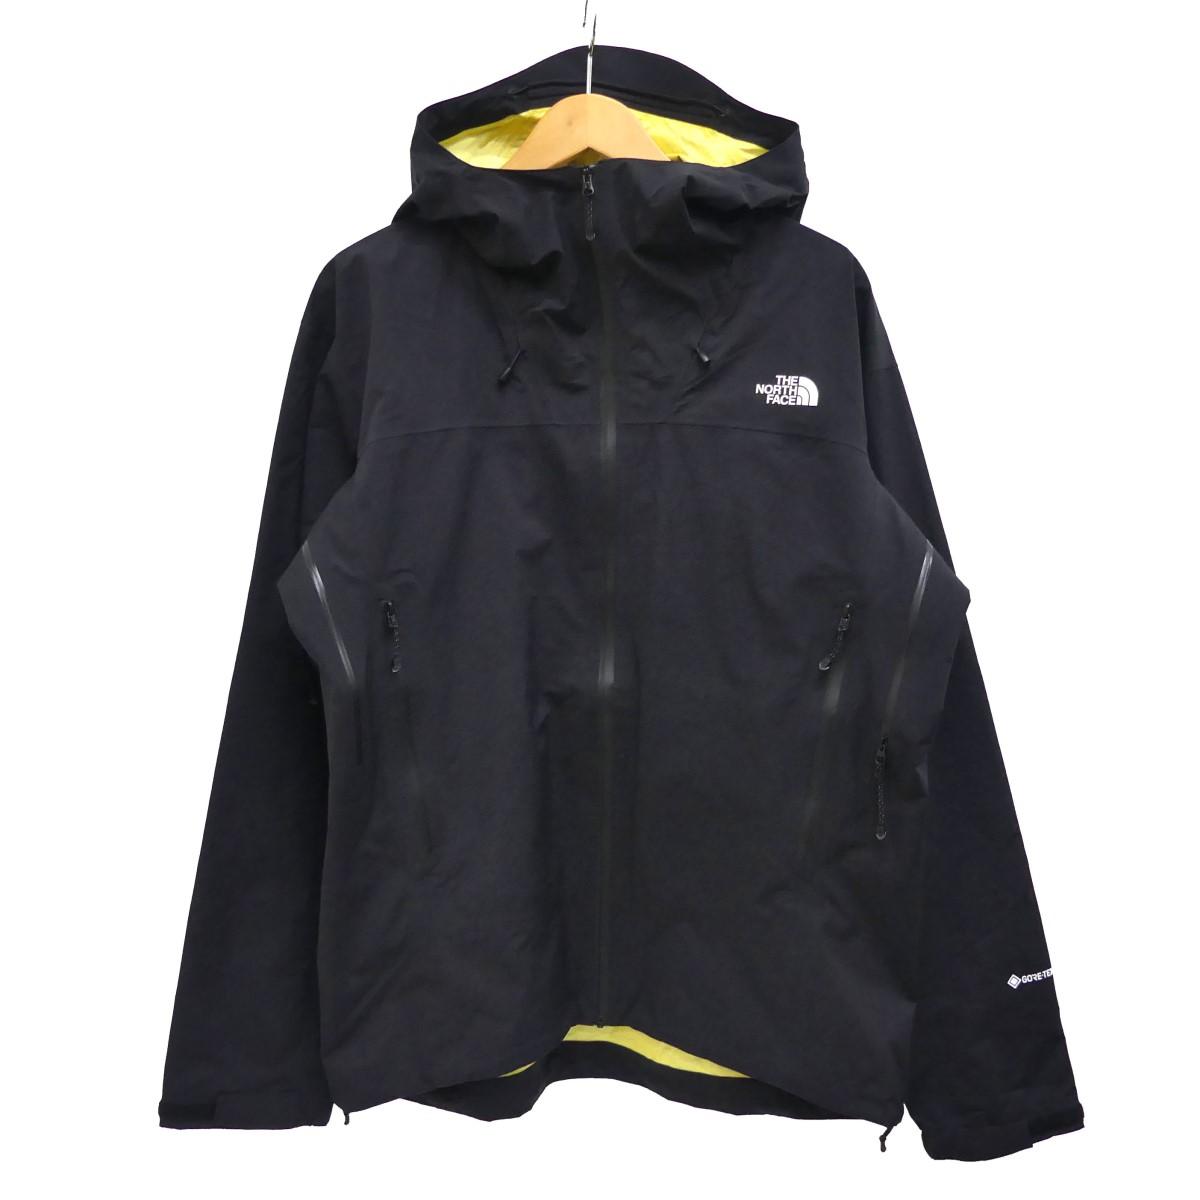 【中古】THE NORTH FACE Super Climb Jacket マウンテンパーカー ブラック サイズ:L 【110720】(ザノースフェイス)